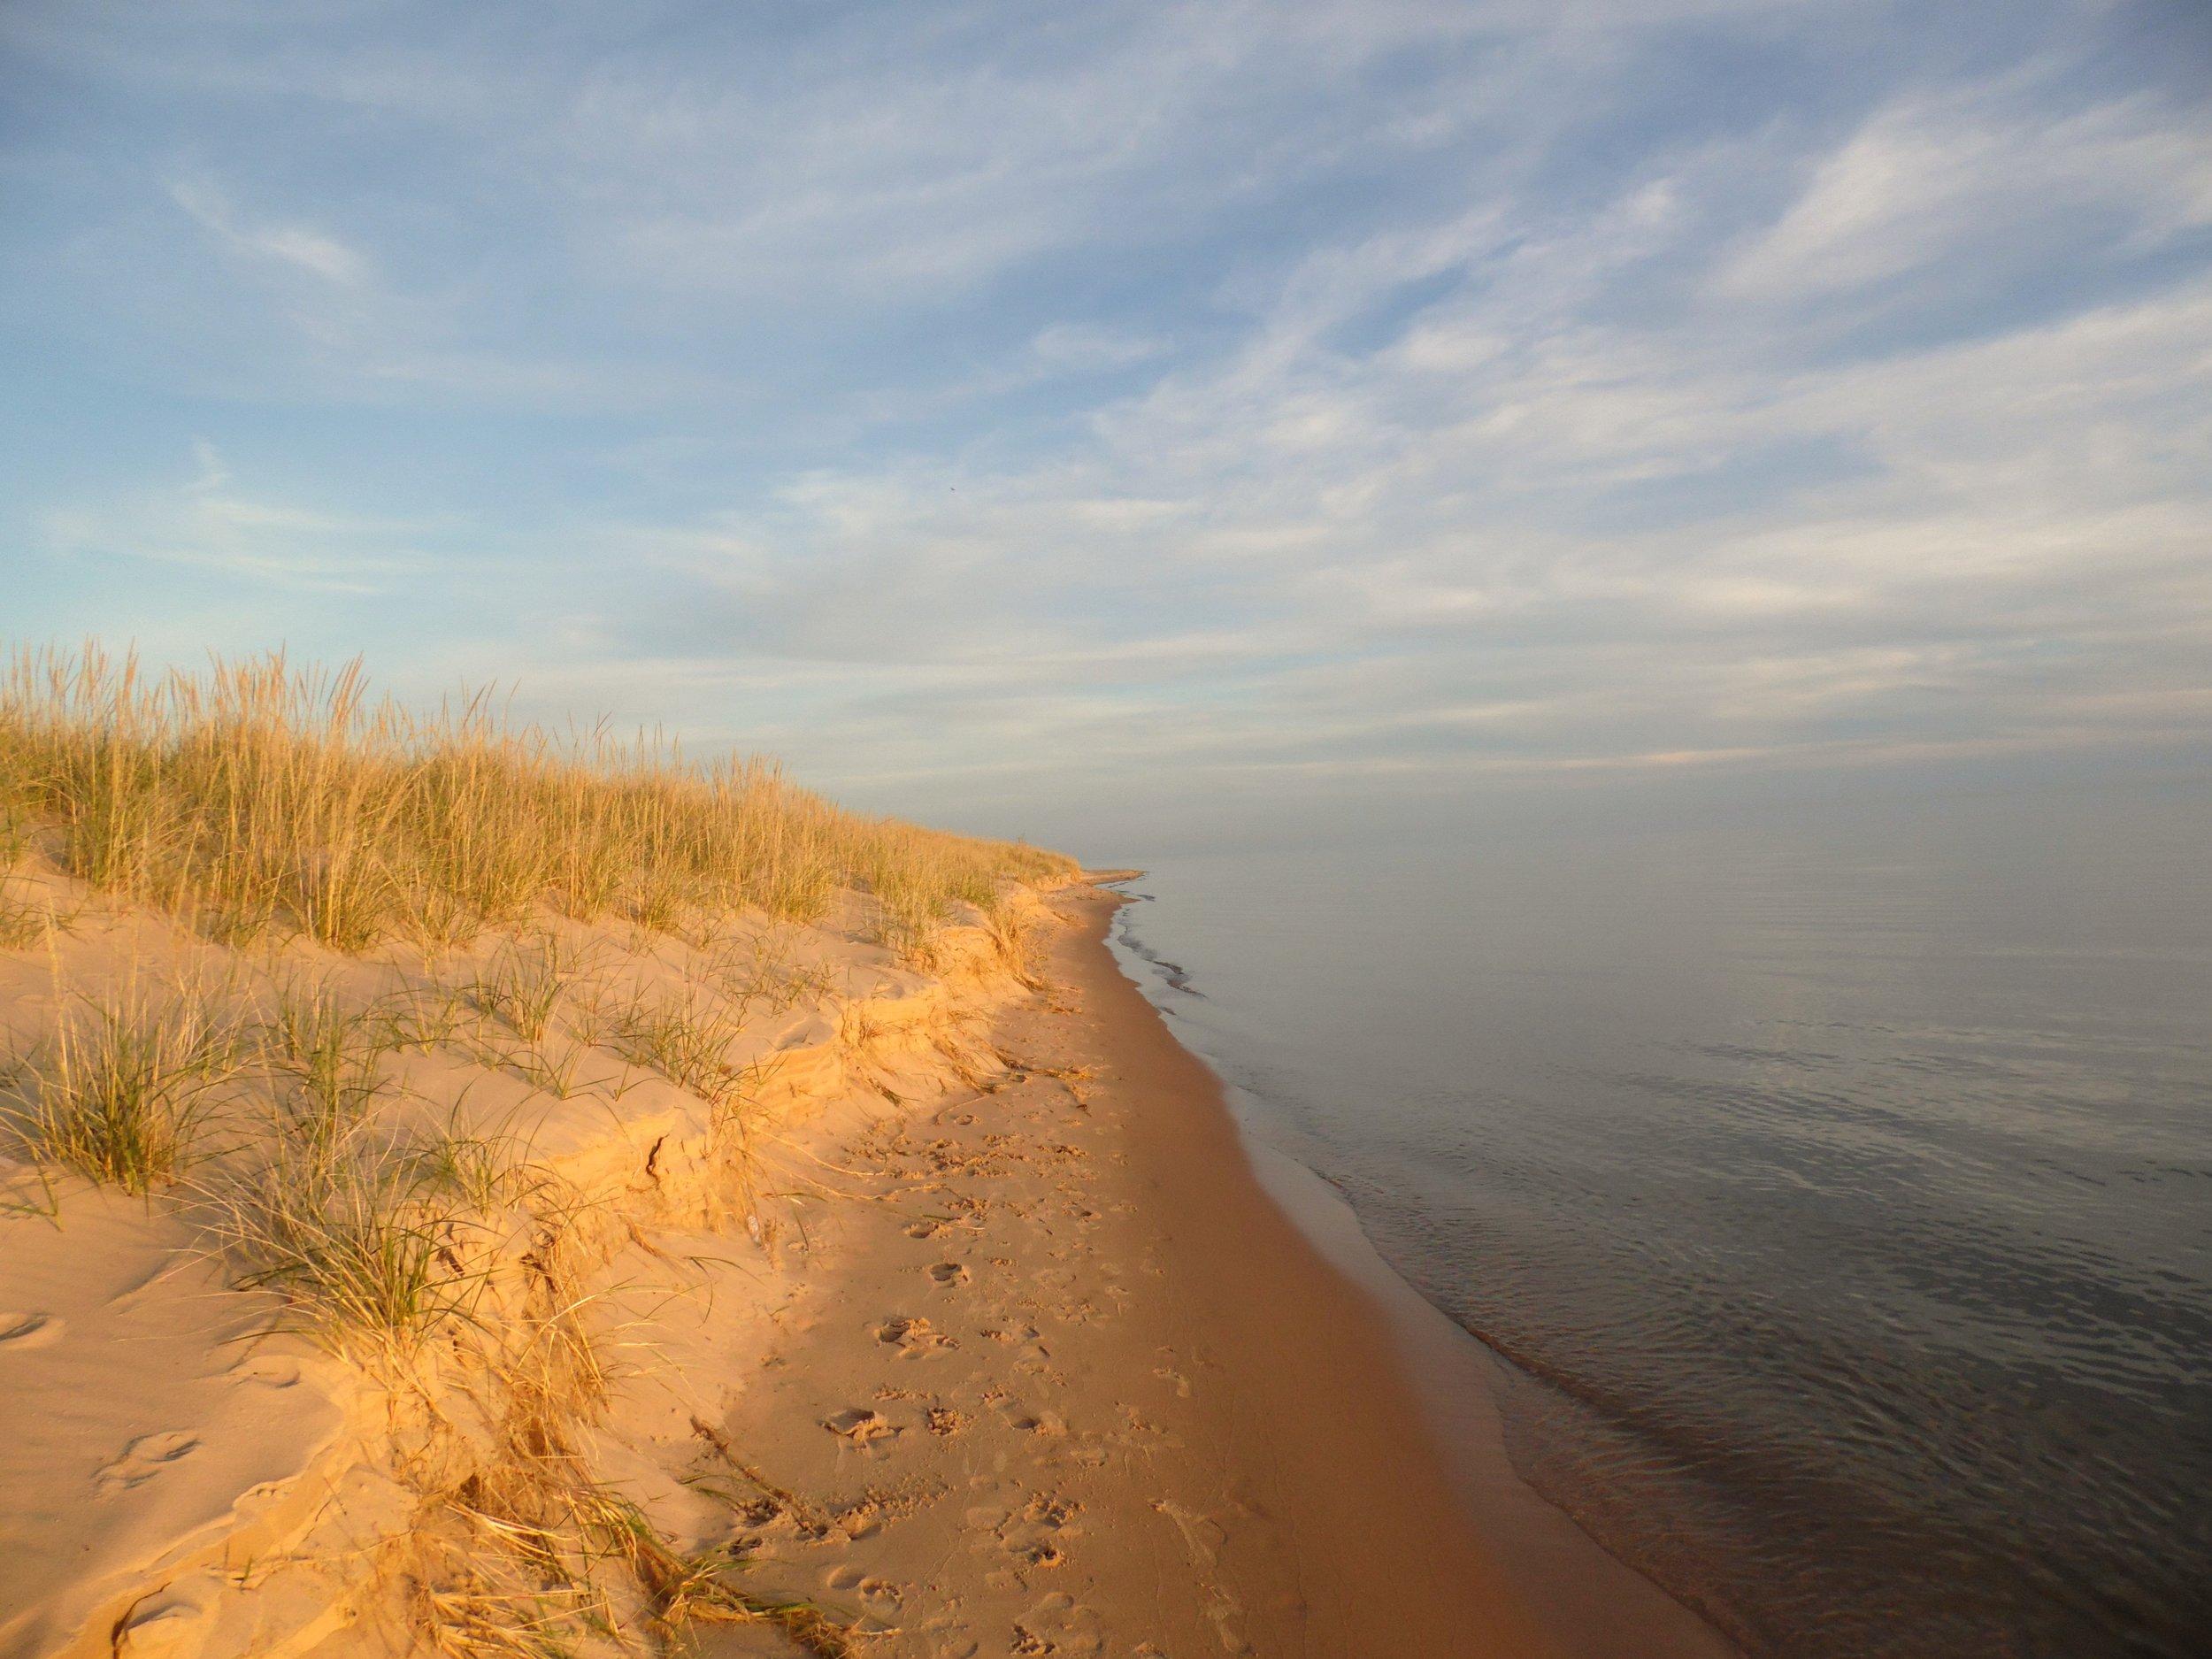 Miles of sandy beach await -